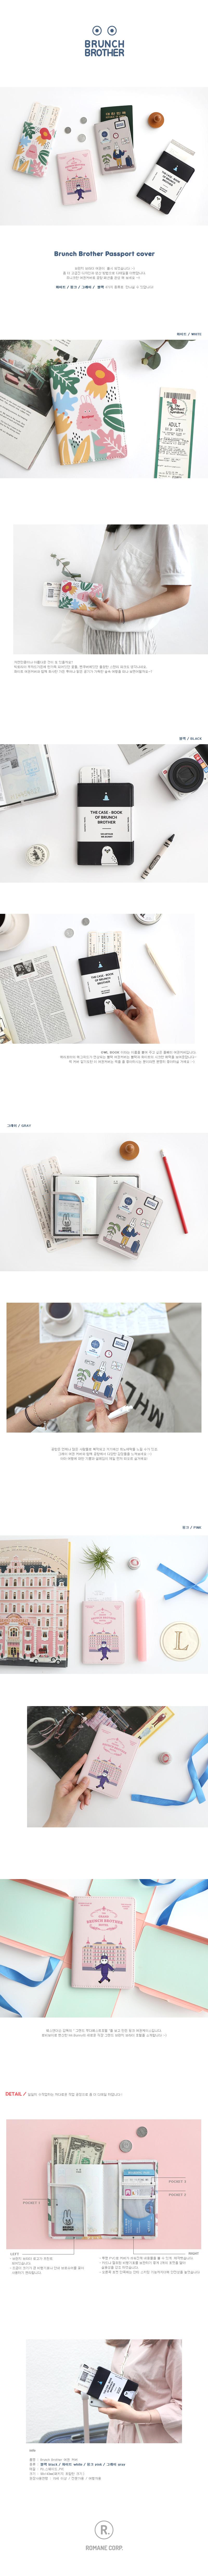 Brunch Brother 여권 커버 - 로마네, 18,000원, 여권케이스, 디자인 케이스